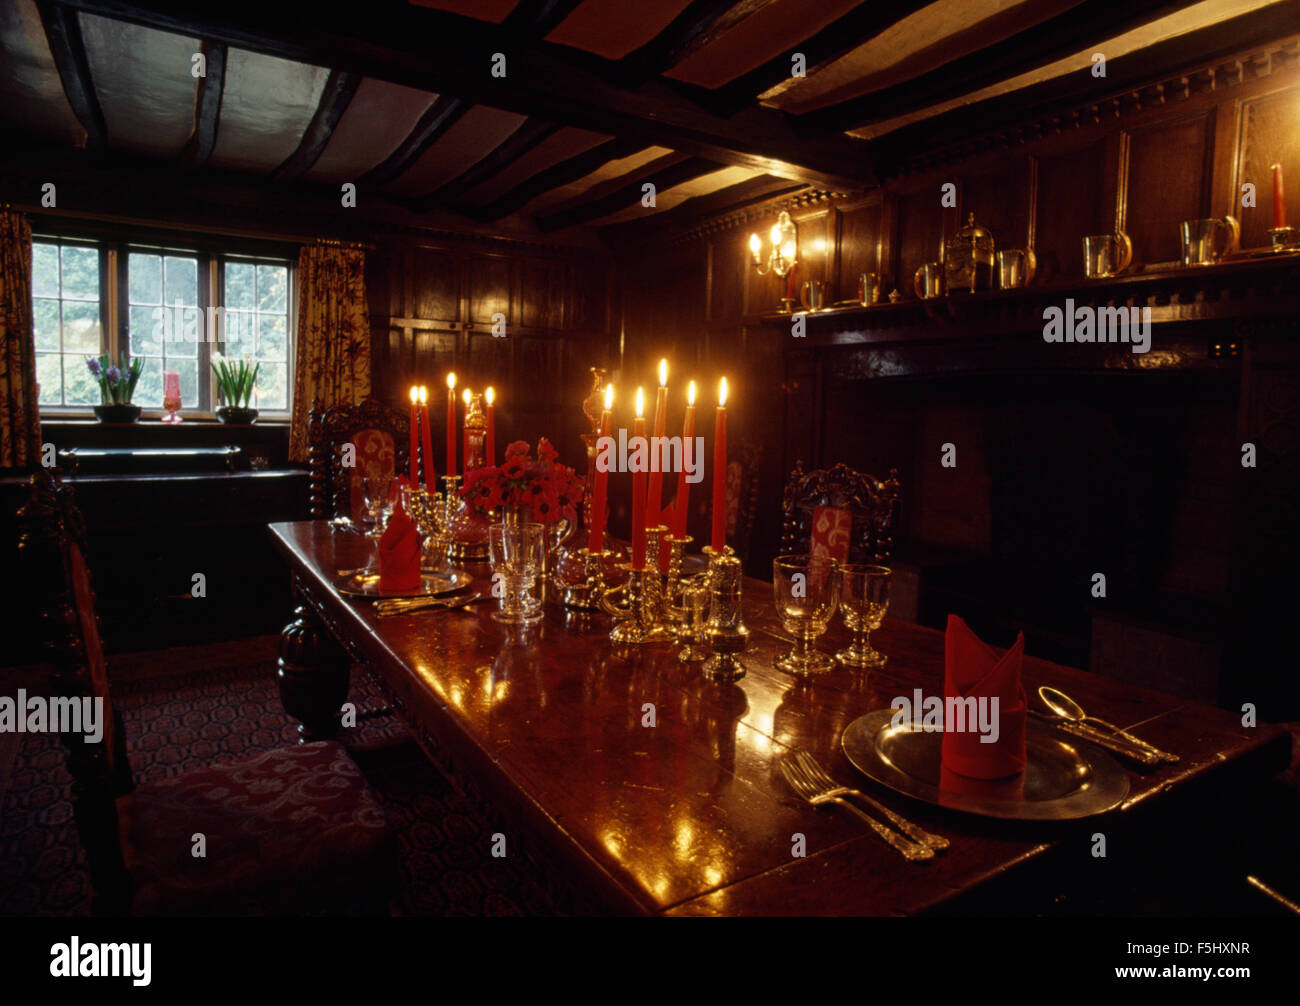 Glaswaren und brennenden Kerzen am Tisch im Tudor-Stil Speisesaal Stockbild